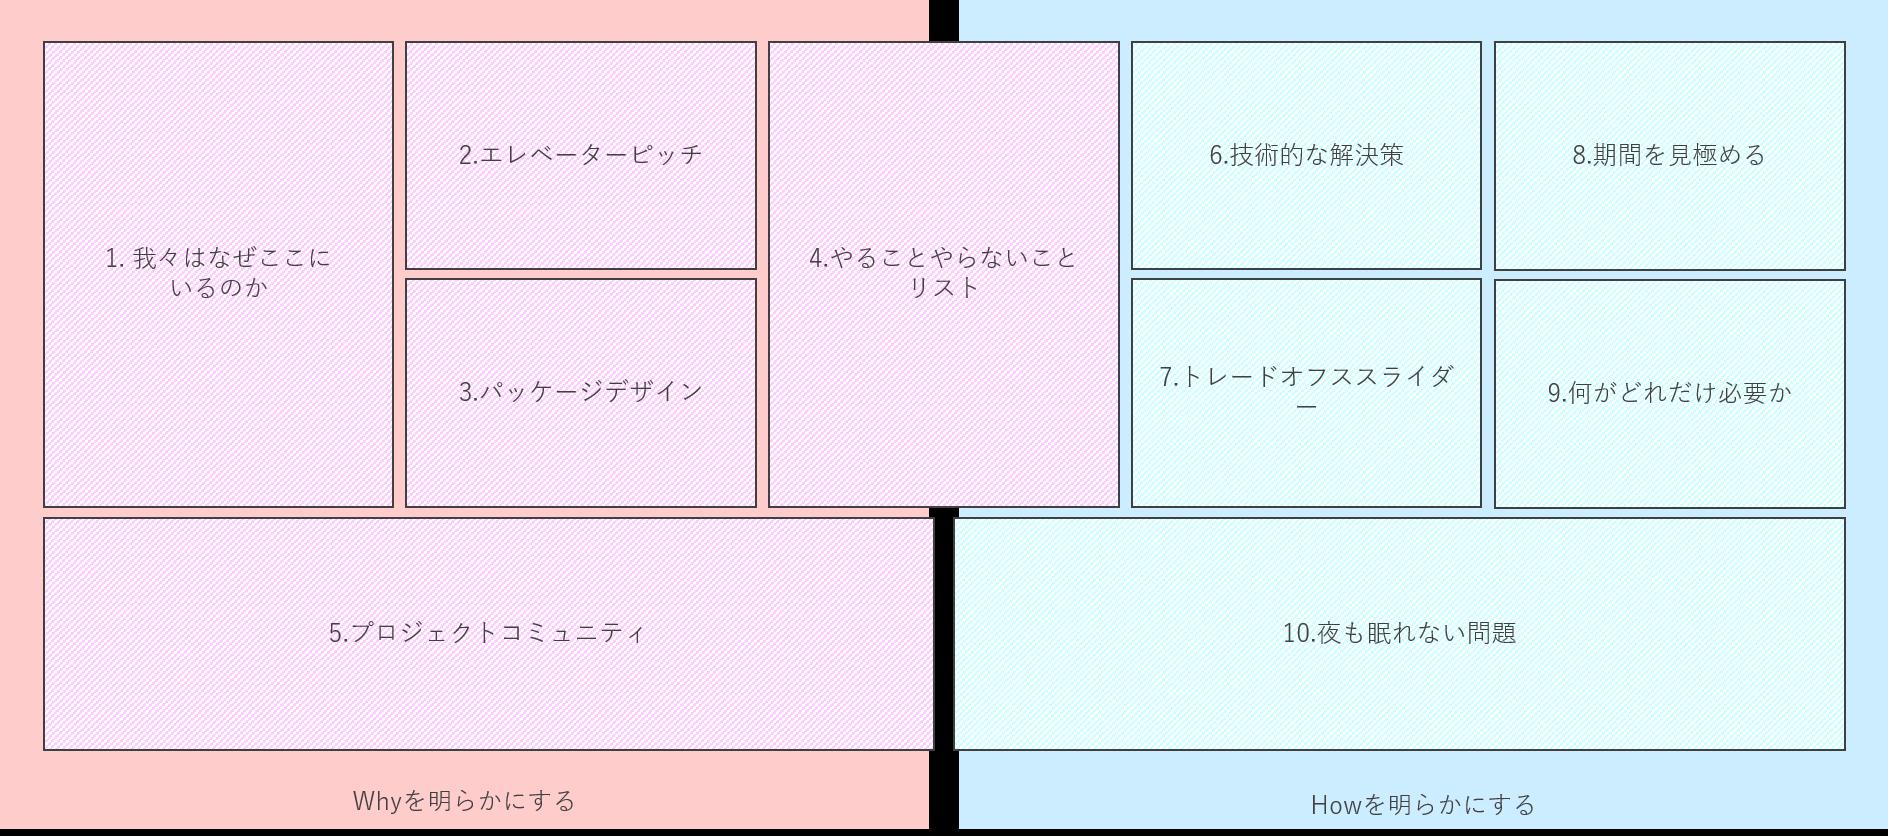 日本文化創出株式会社_集客・反響サービス_facebook広告